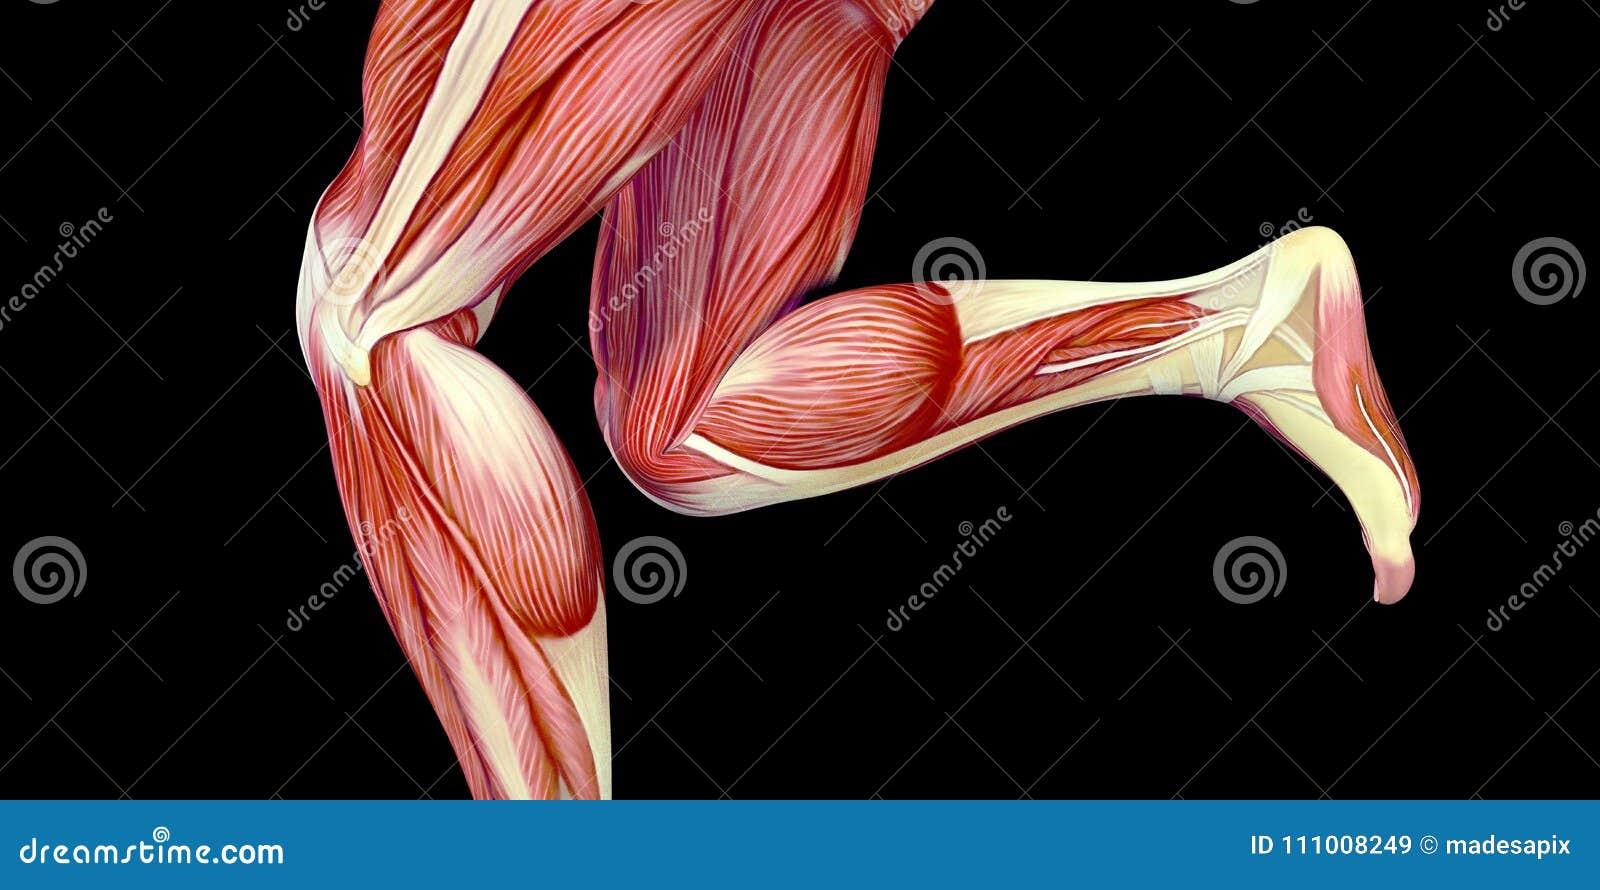 Ilustração humana da anatomia do corpo masculino com músculos visíveis